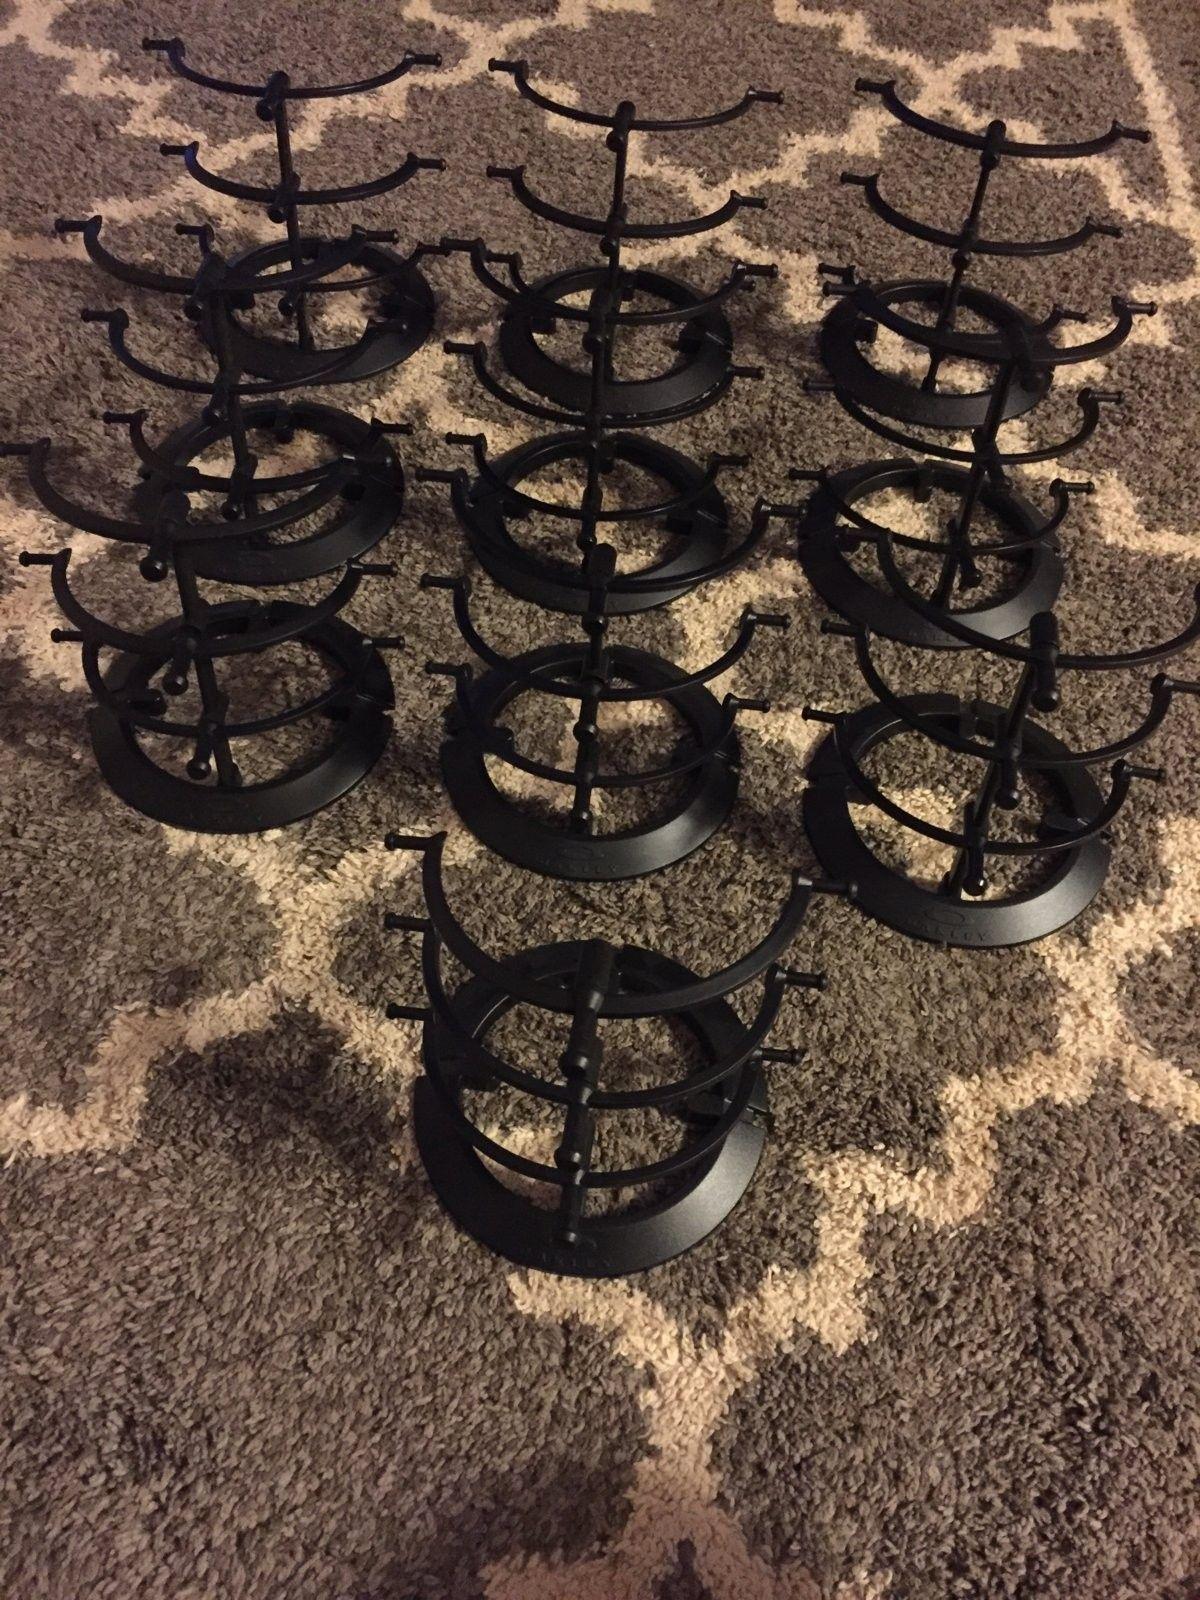 10 piece 3.0 black display stand bundle - image.jpg